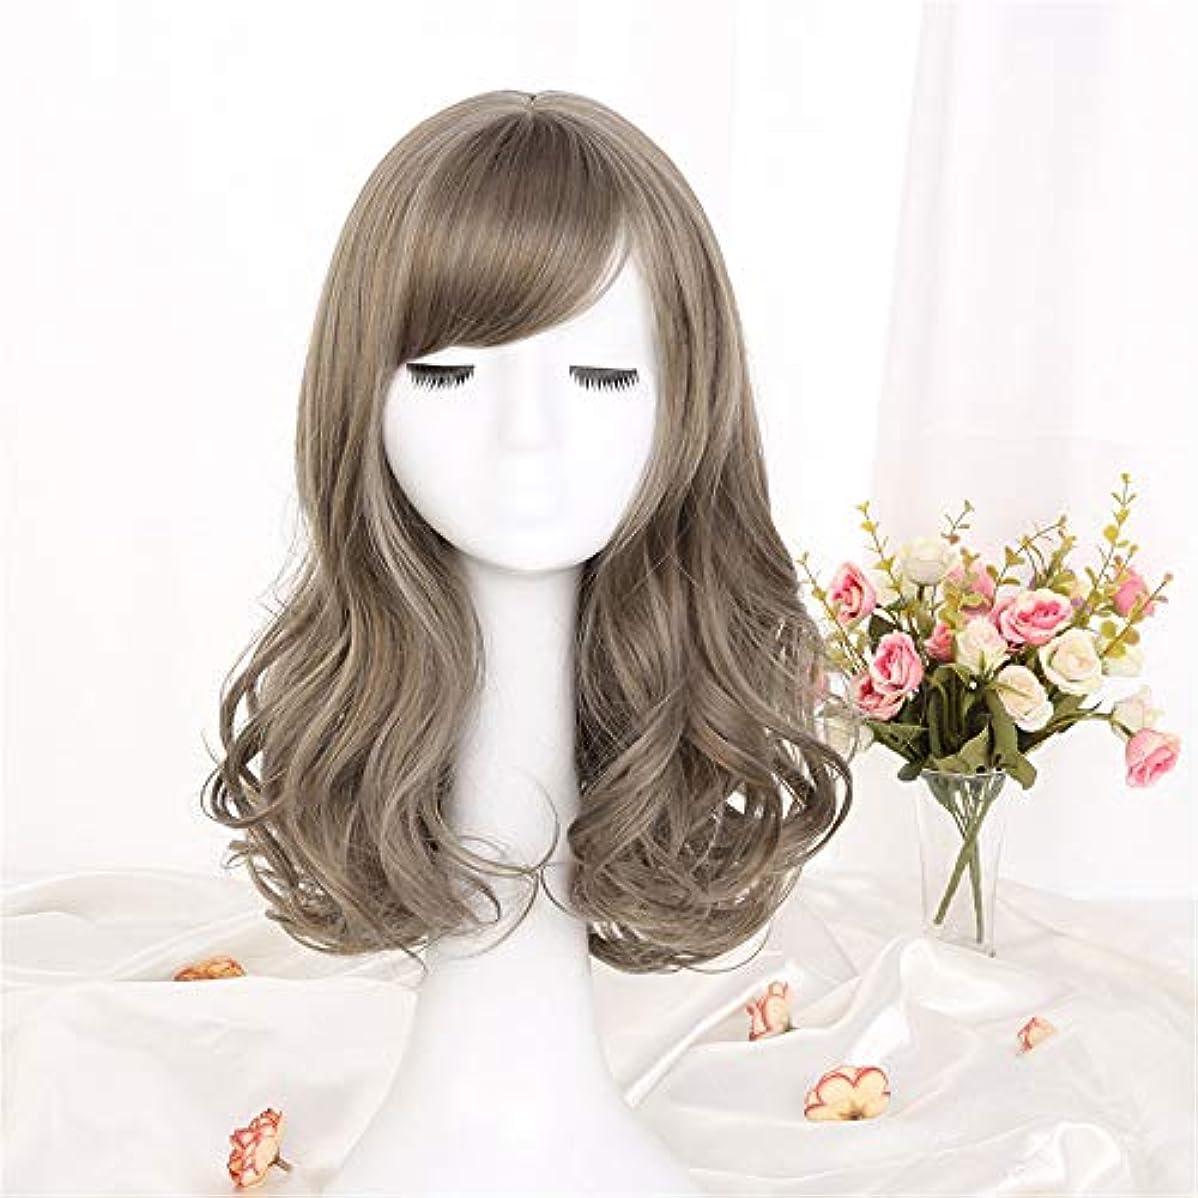 別に影響するアクセスできないウィッグ髪化学繊維フードミディアム長波高温合成繊維ウィッグ女性用ウィッググリーンウッドリネンアッシュ42cm